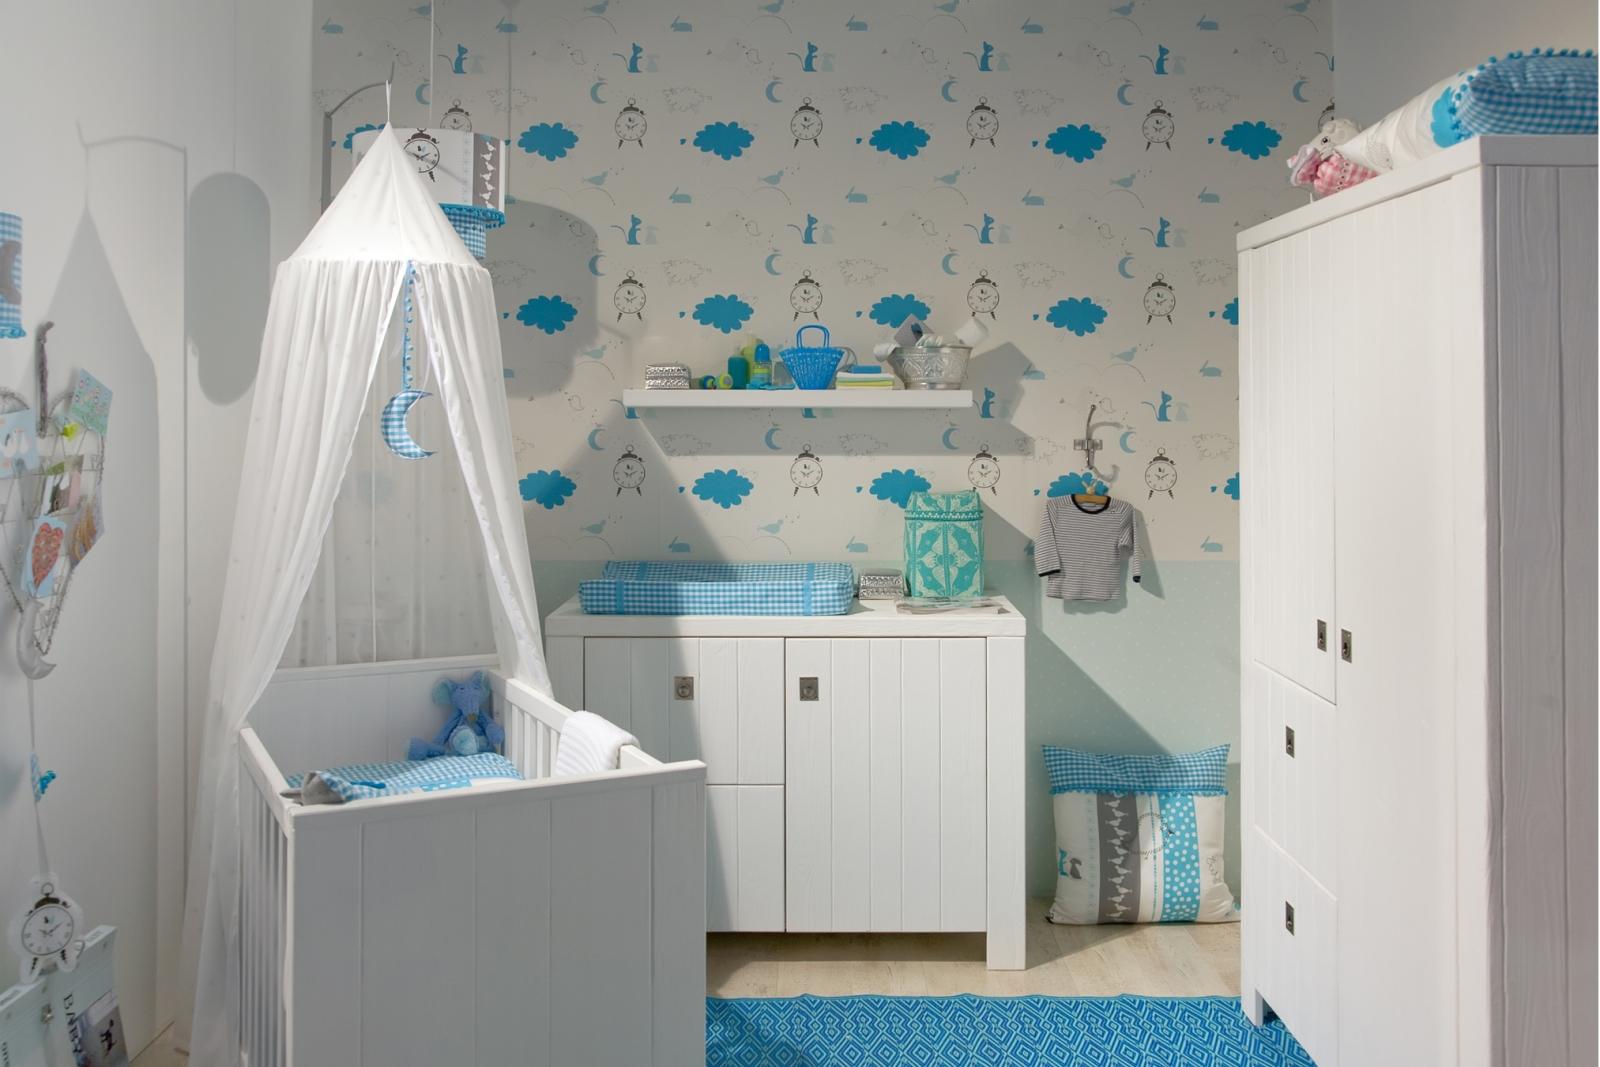 Ideeen Kleine Kinderkamer.De Kinderkamer Verven Tips En Inspiratie